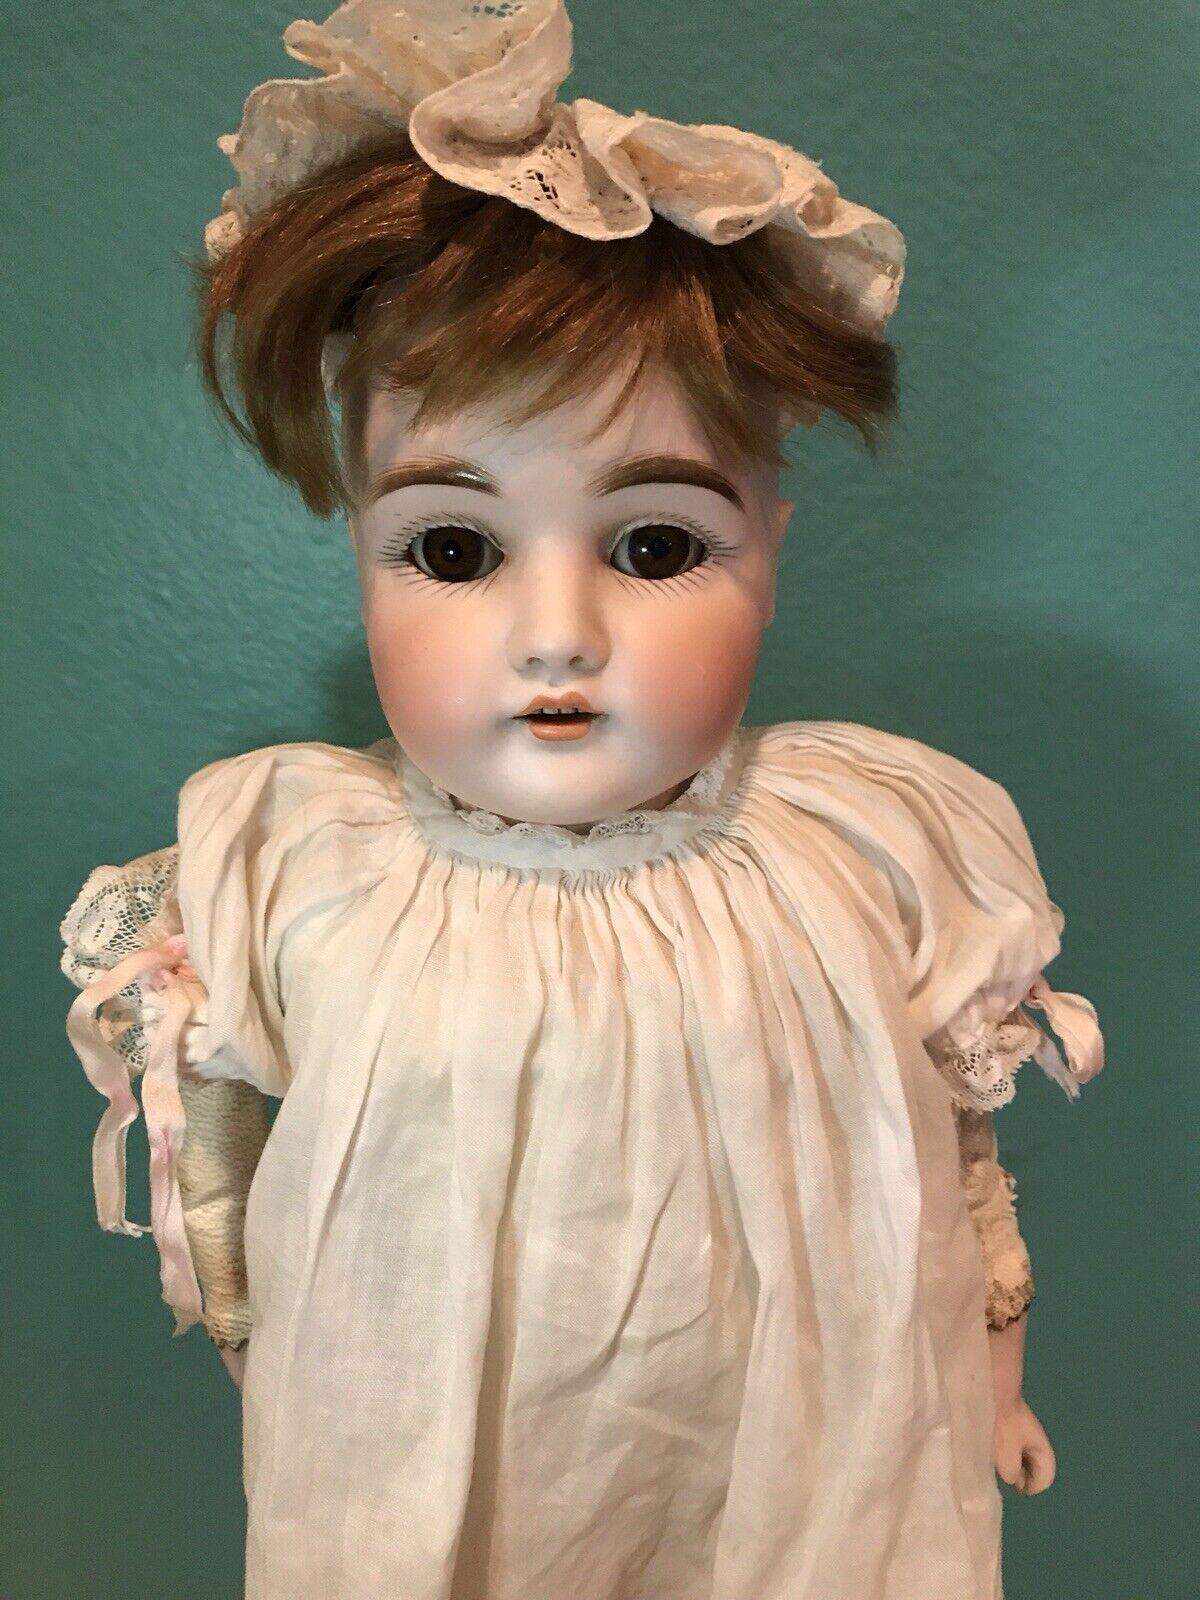 Raro Antiguo Alemán Dep Muñeca 16.5  cabeza de Biscuit marrón los ojos de sueño Modelo 154 5 1 2